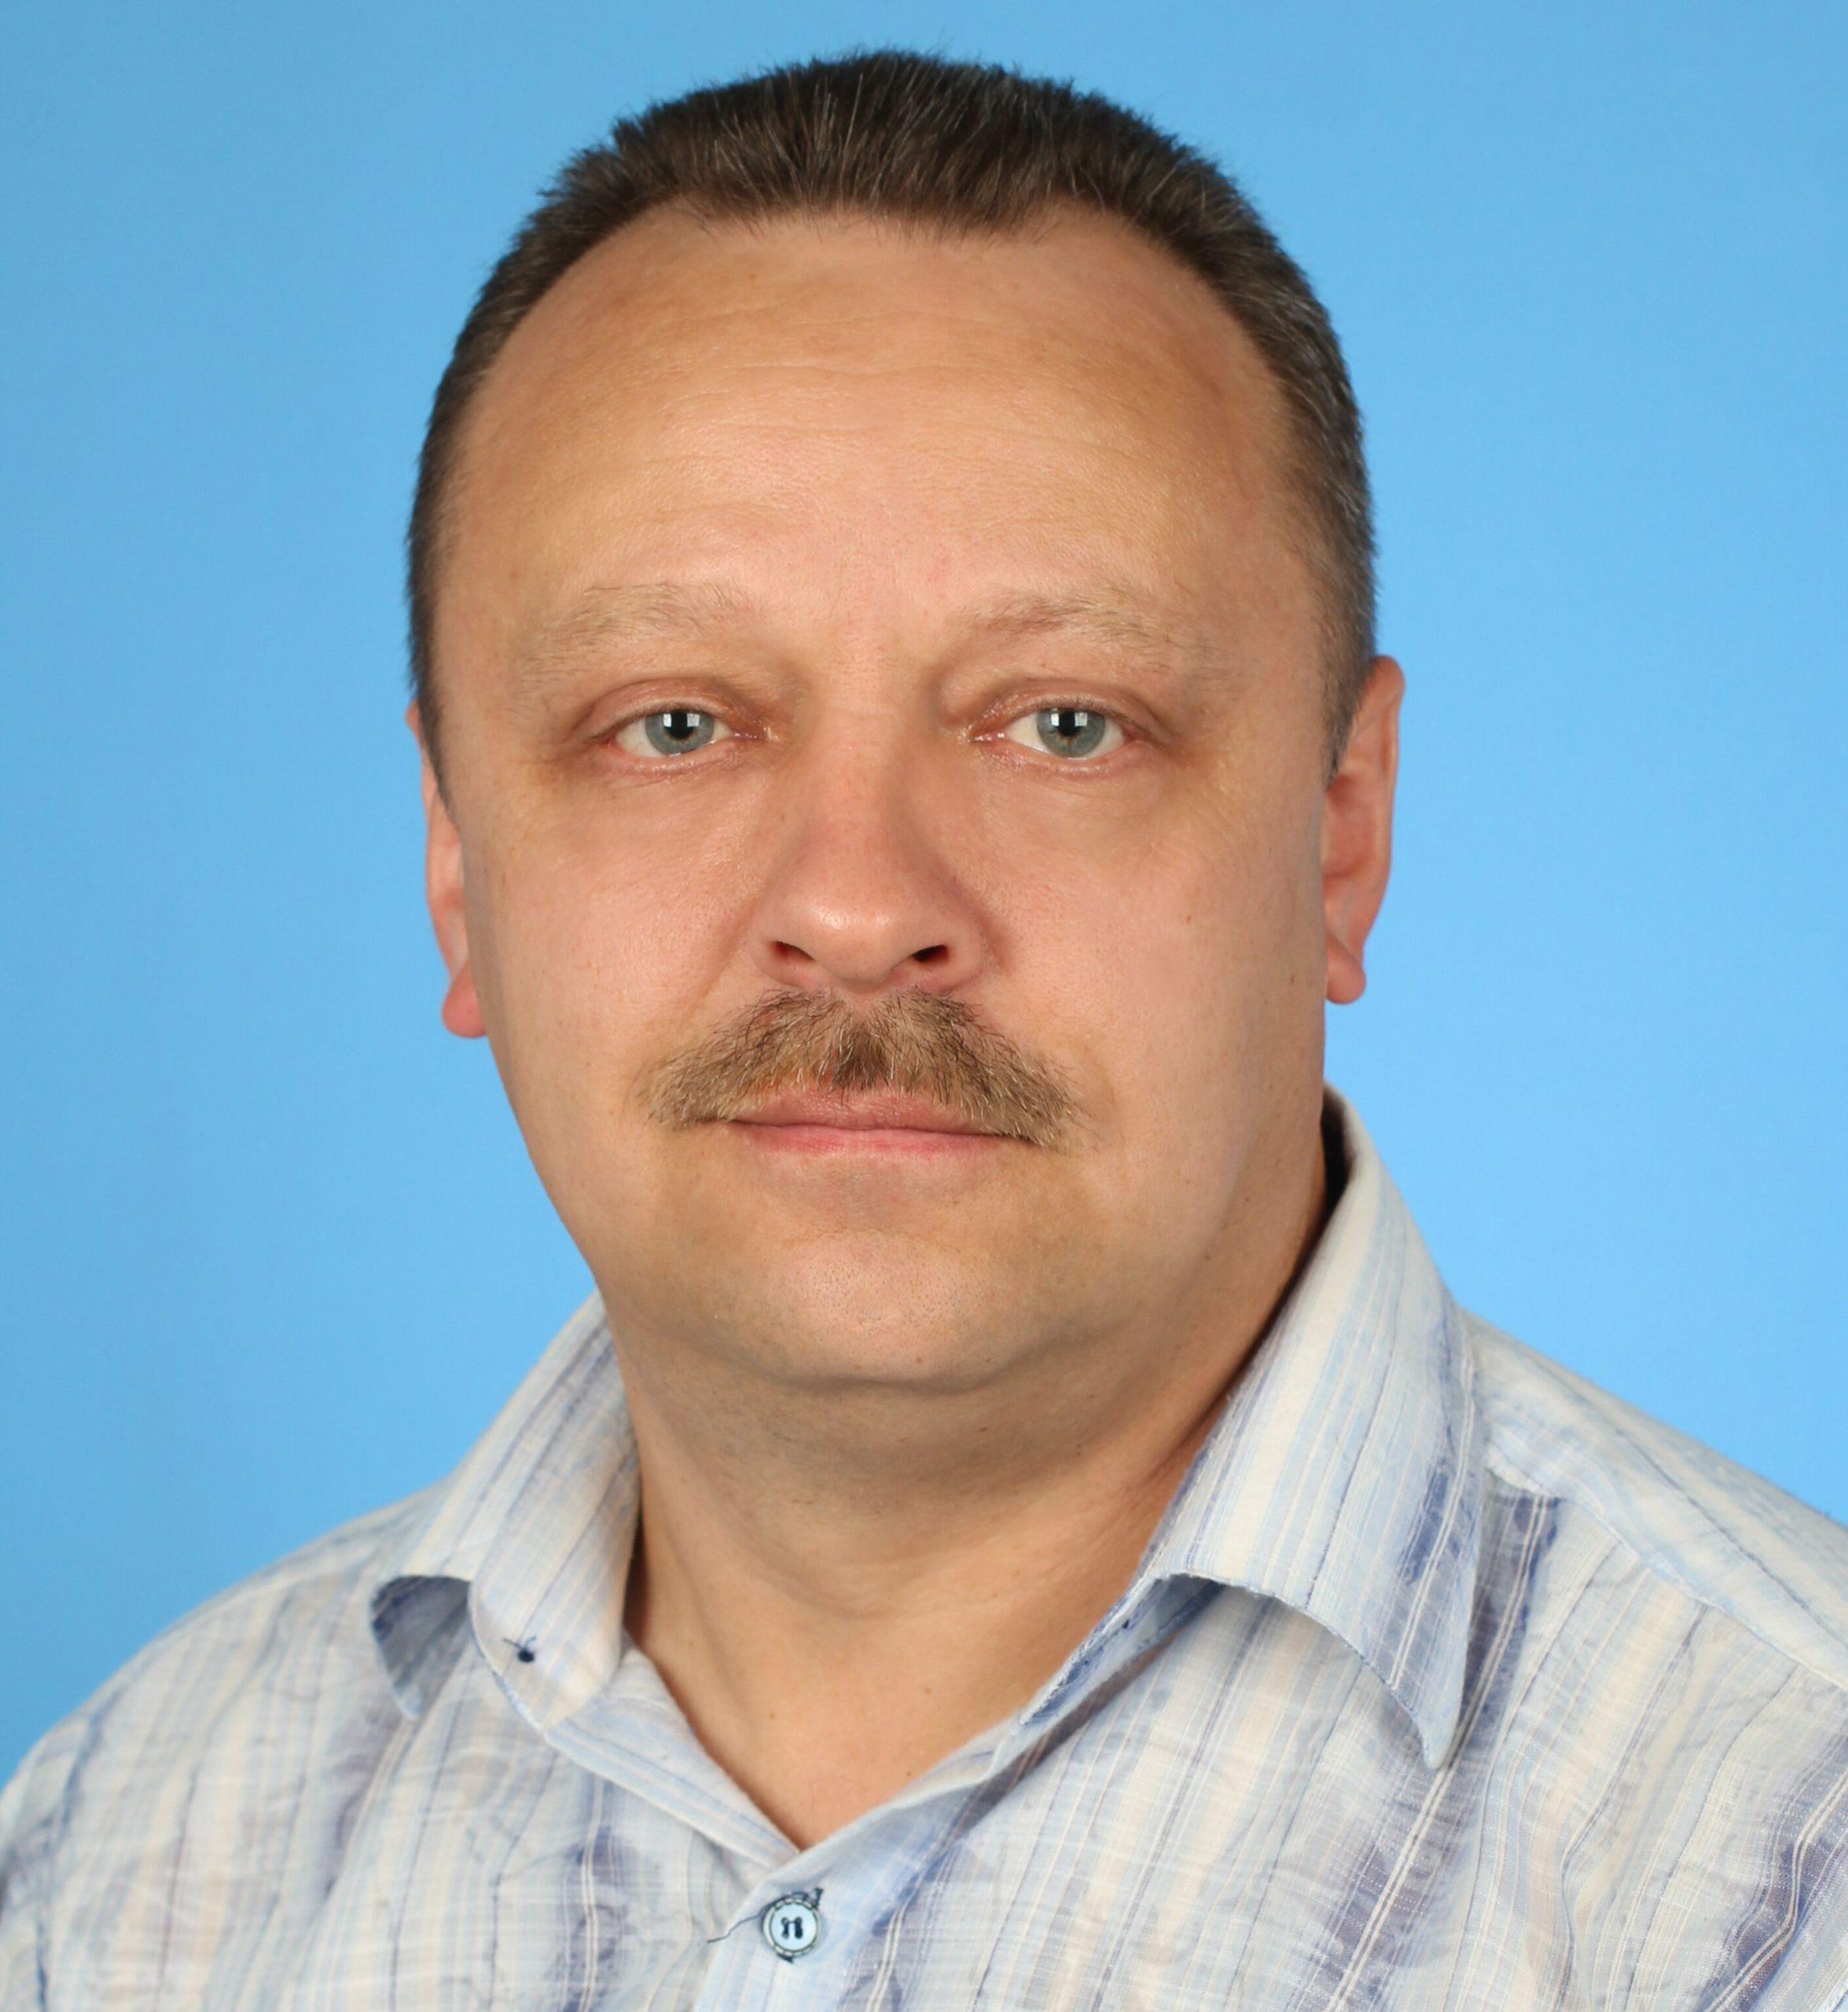 Сергей Белов: Ветераны всегда были самыми активными общественниками